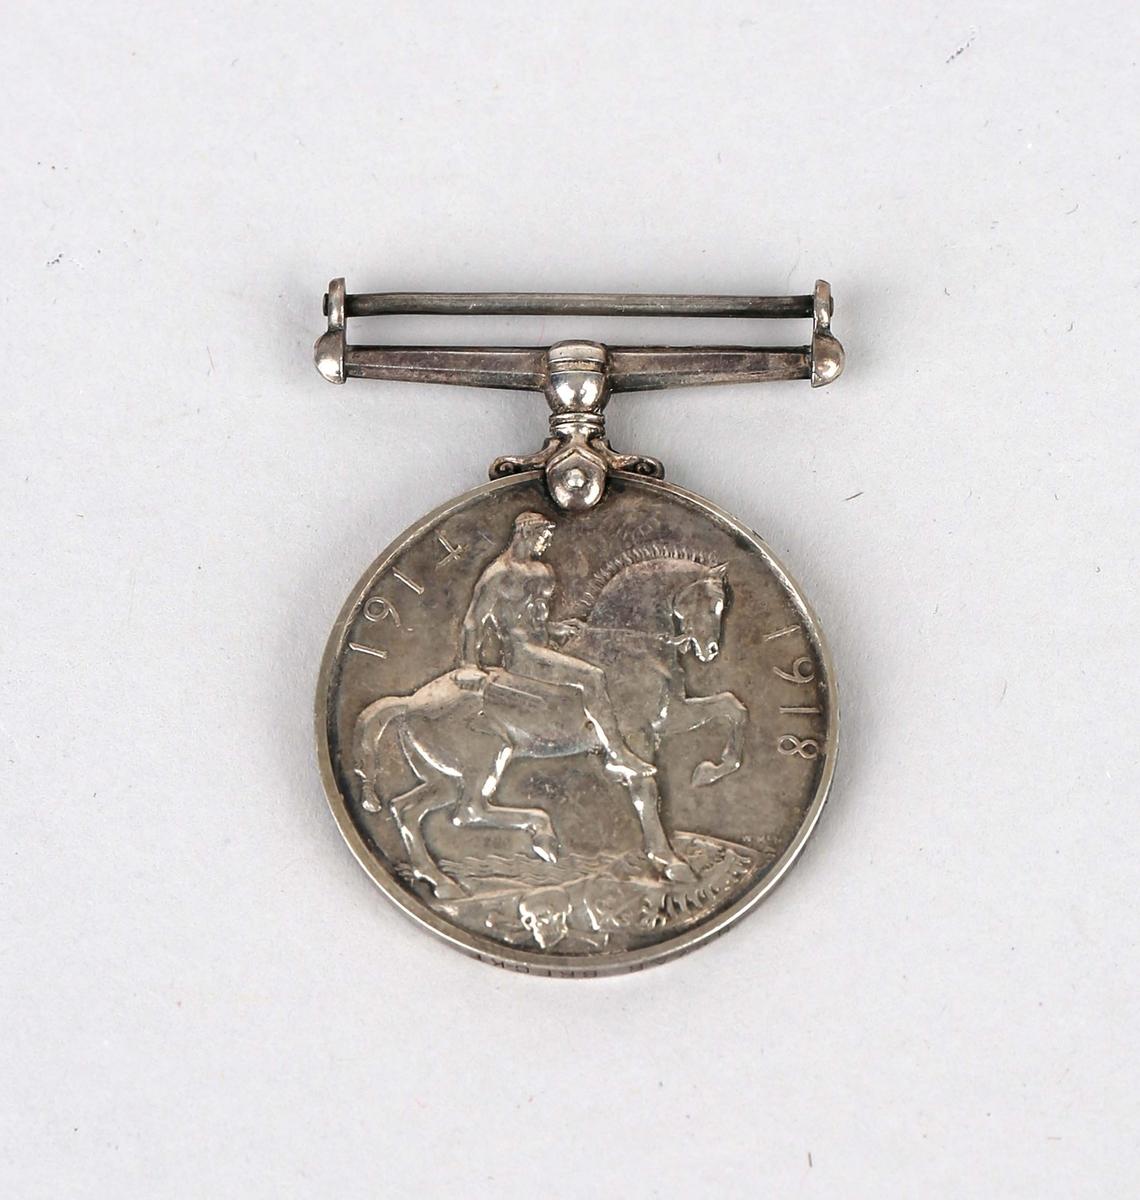 Sølvmedalje med portrett av Georg IVS V på forside og en naken mann som rir på en hest på baksiden.